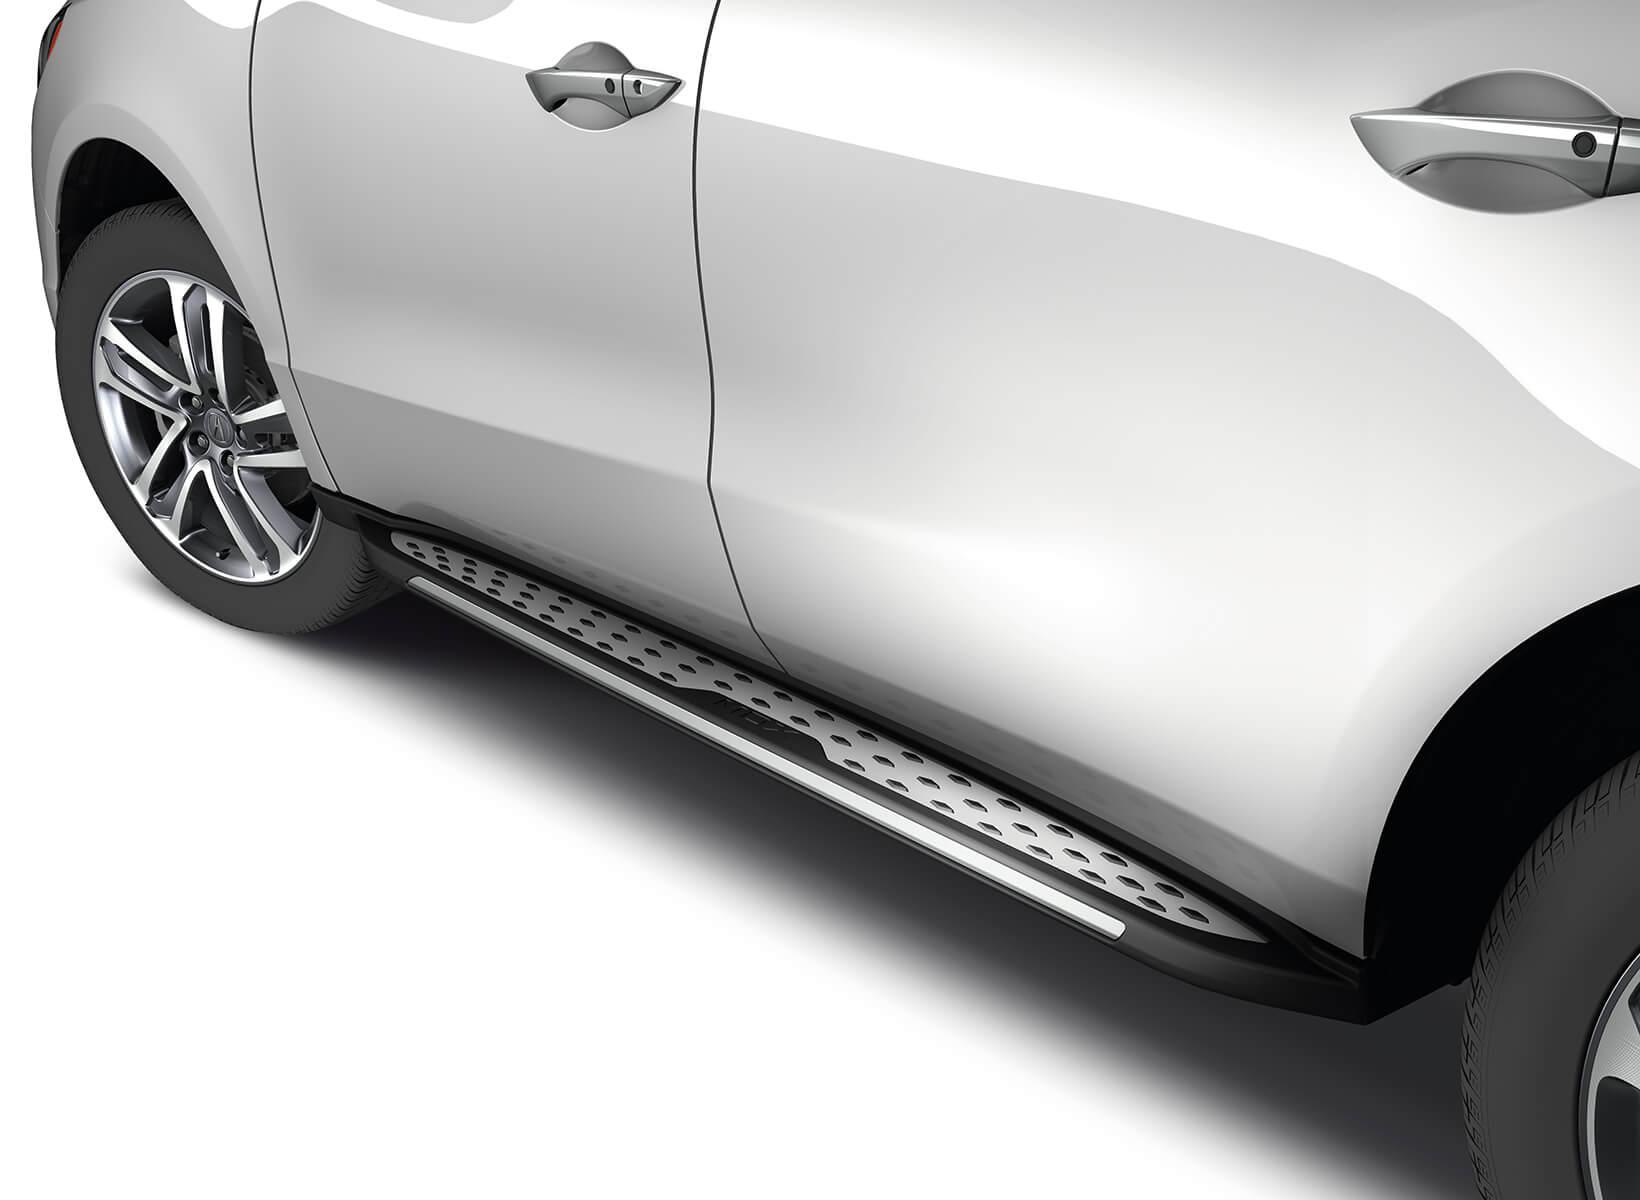 Acura MDX - Acura mdx running boards